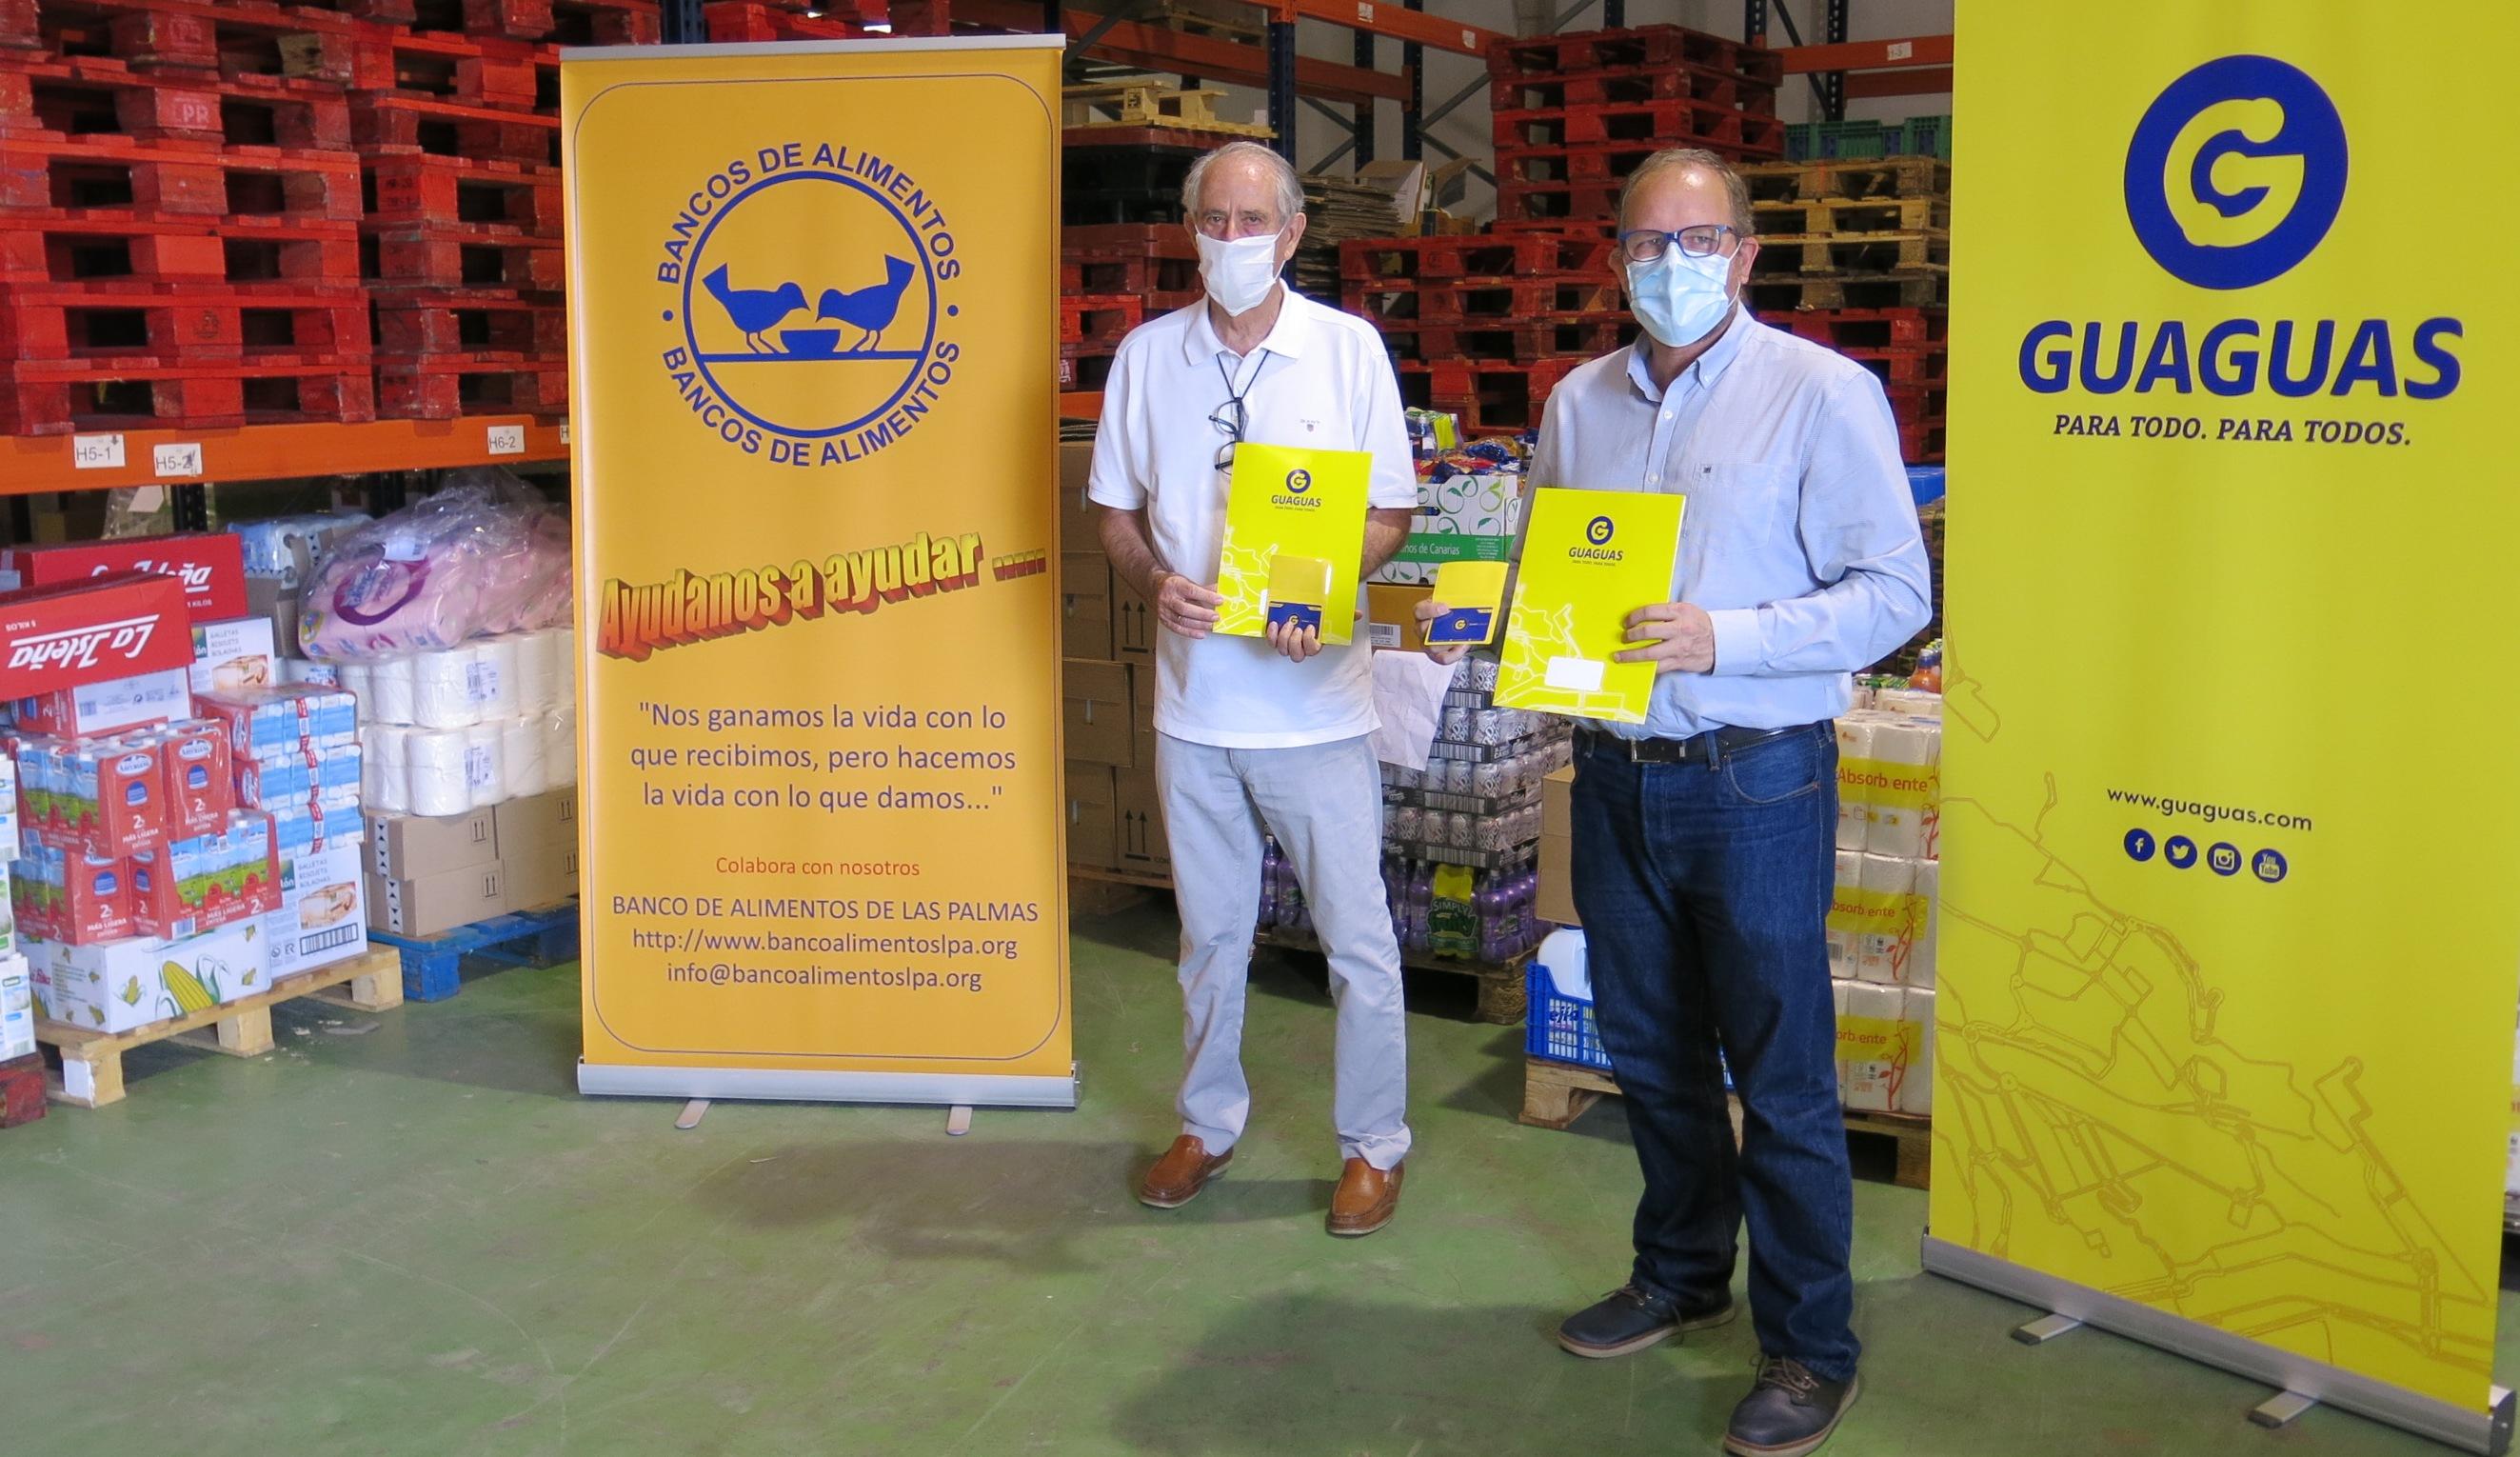 Guaguas Municipales coopera con el Banco de Alimentos. Las Palmas de Gran Canaria